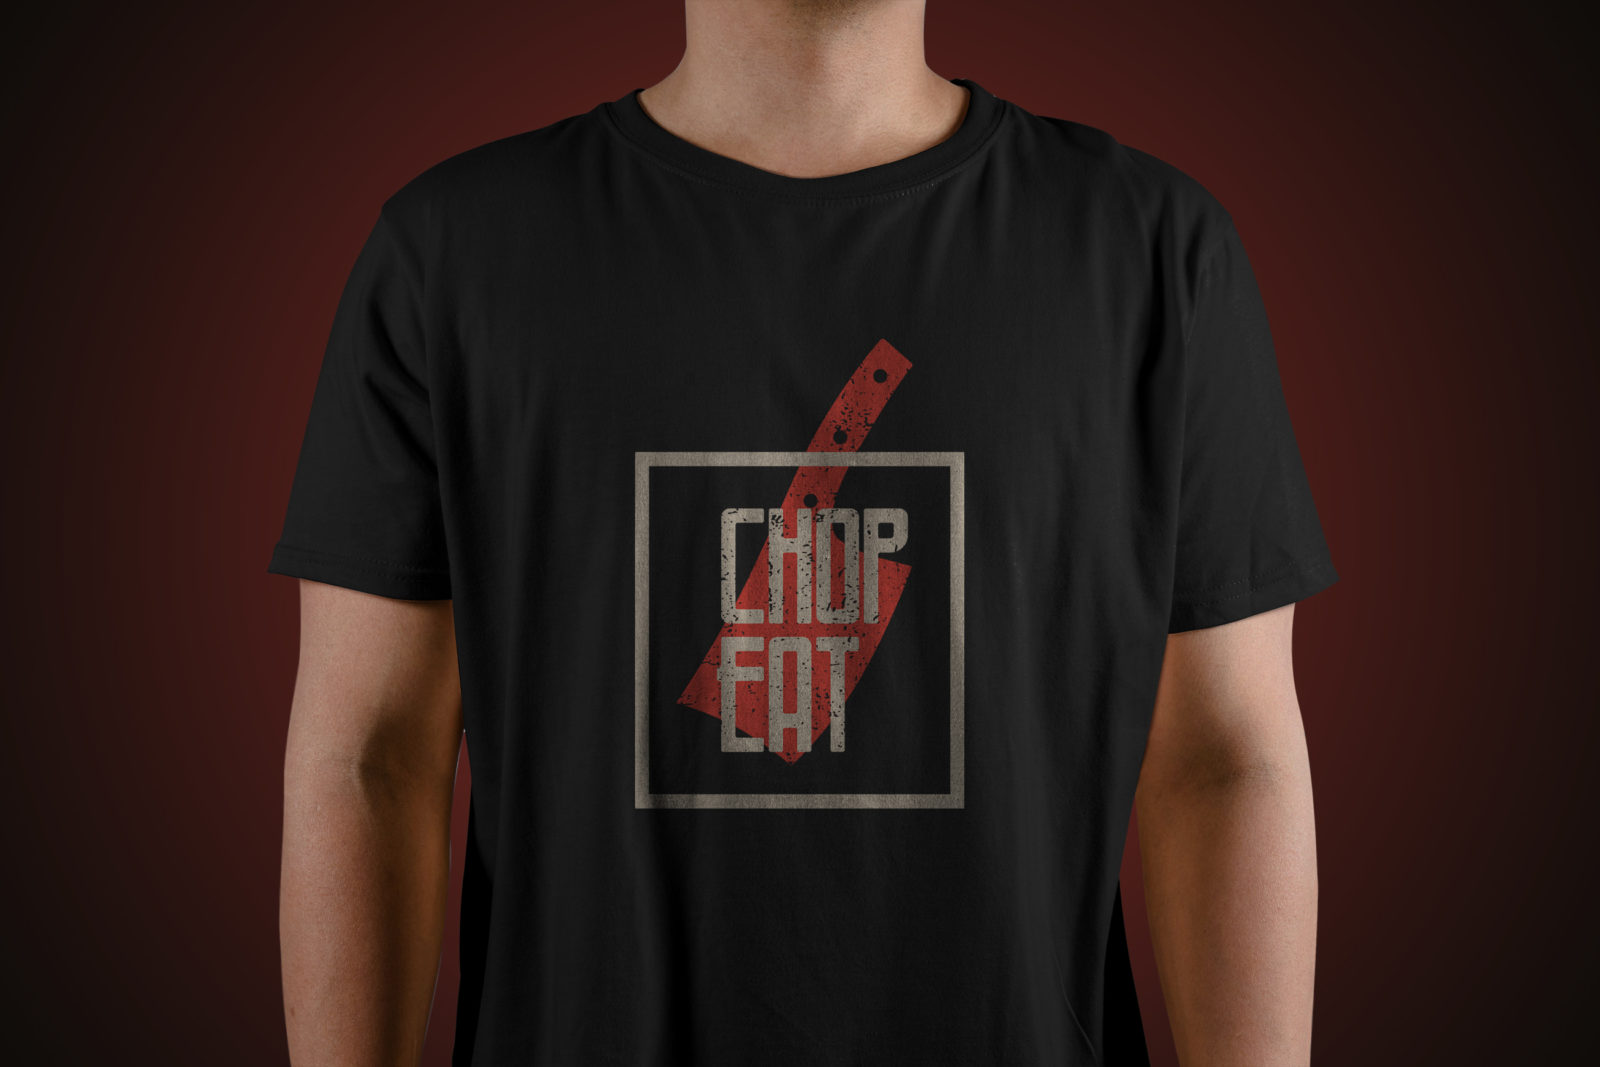 Chop Eat